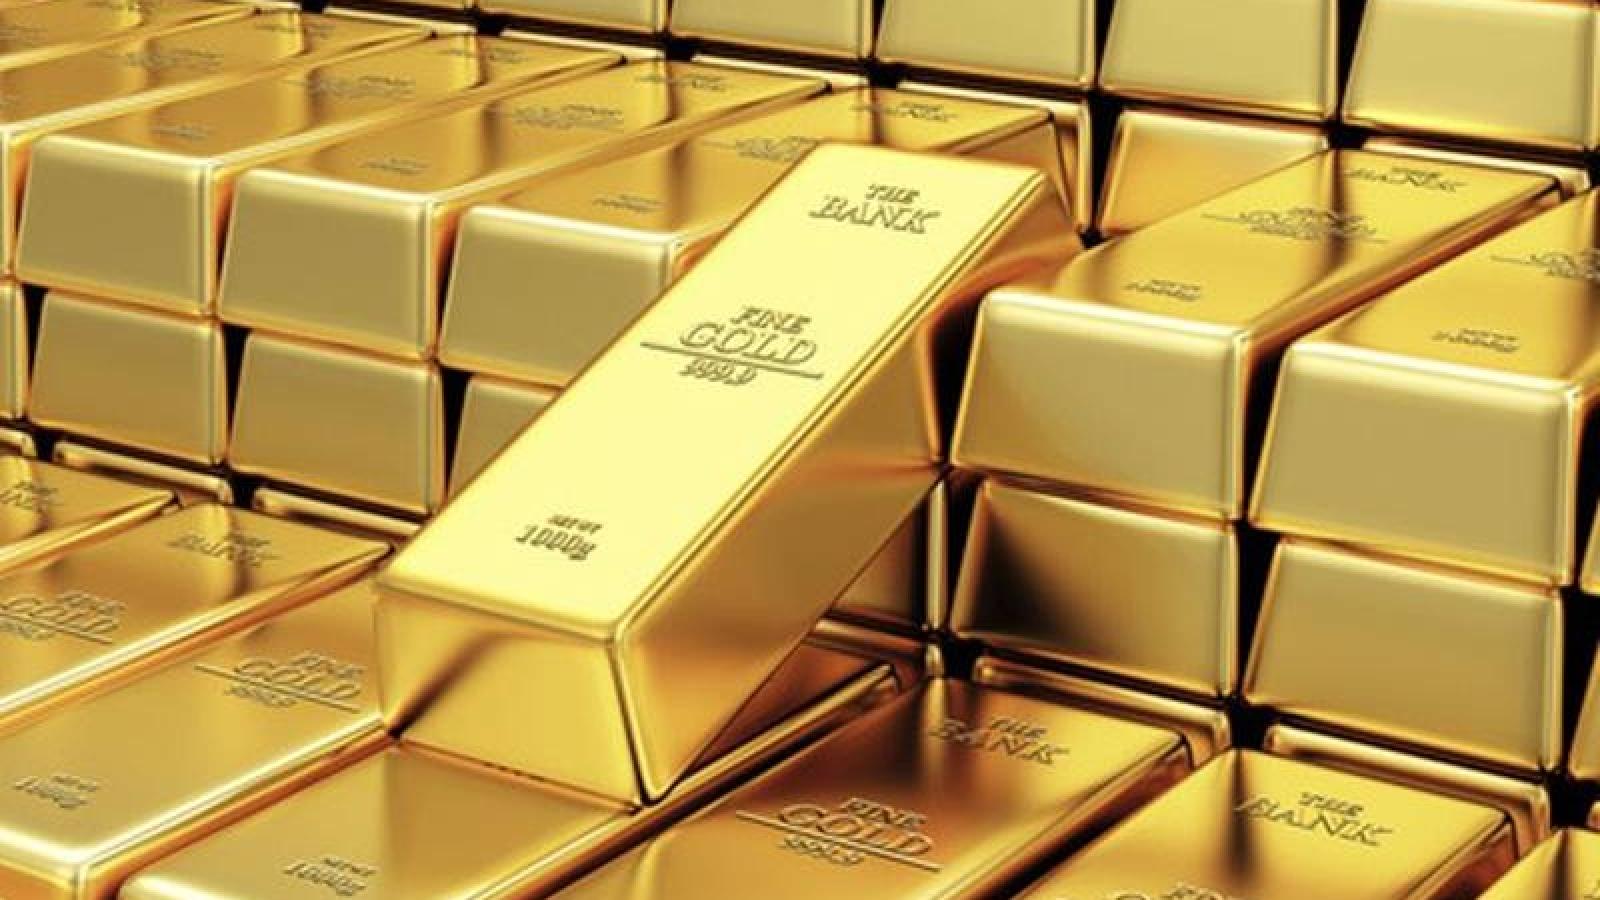 Giá vàng trong nước giảm, ngược chiều với vàng thế giới